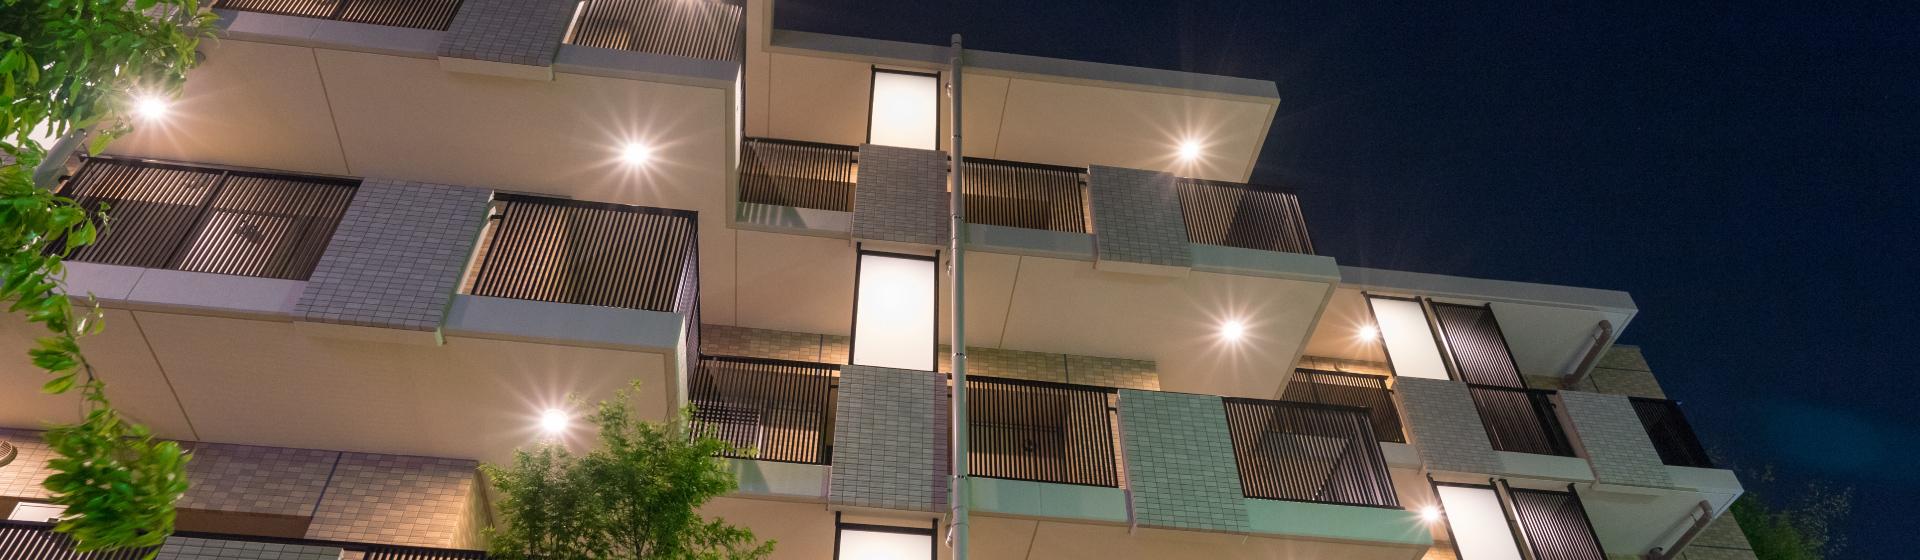 賃貸マンション・ アパート